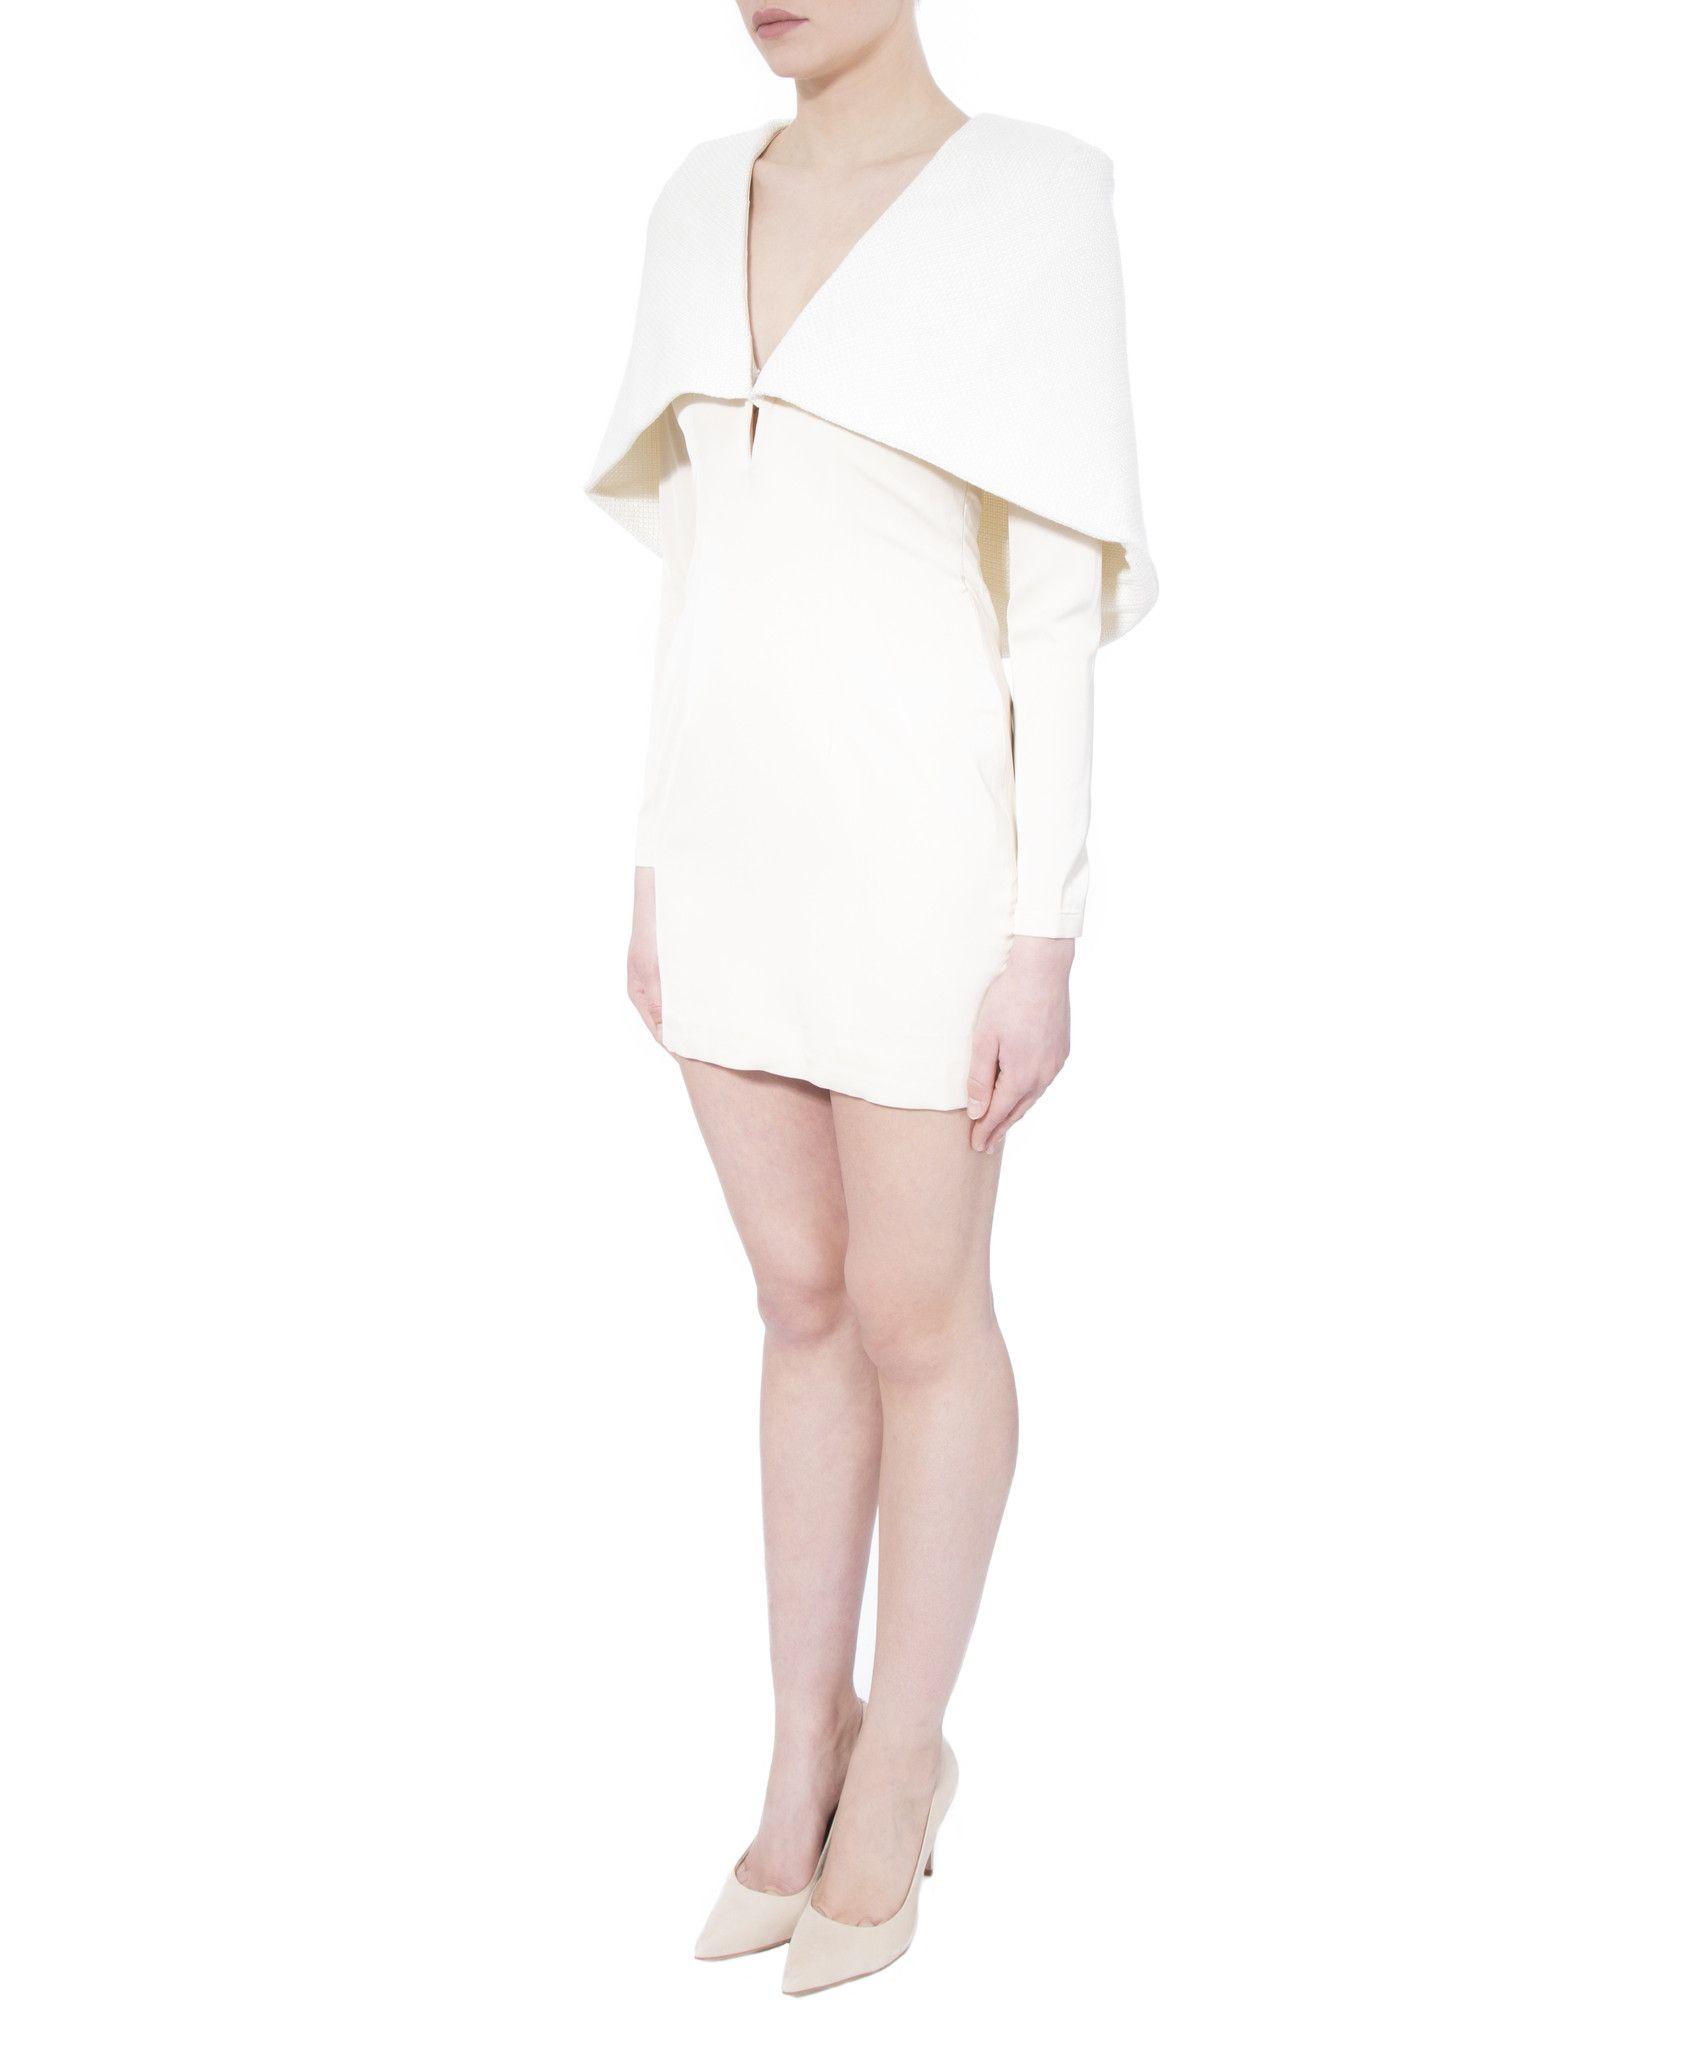 DASH | Asilio | Almost Famous Dress – shopdashonline.com